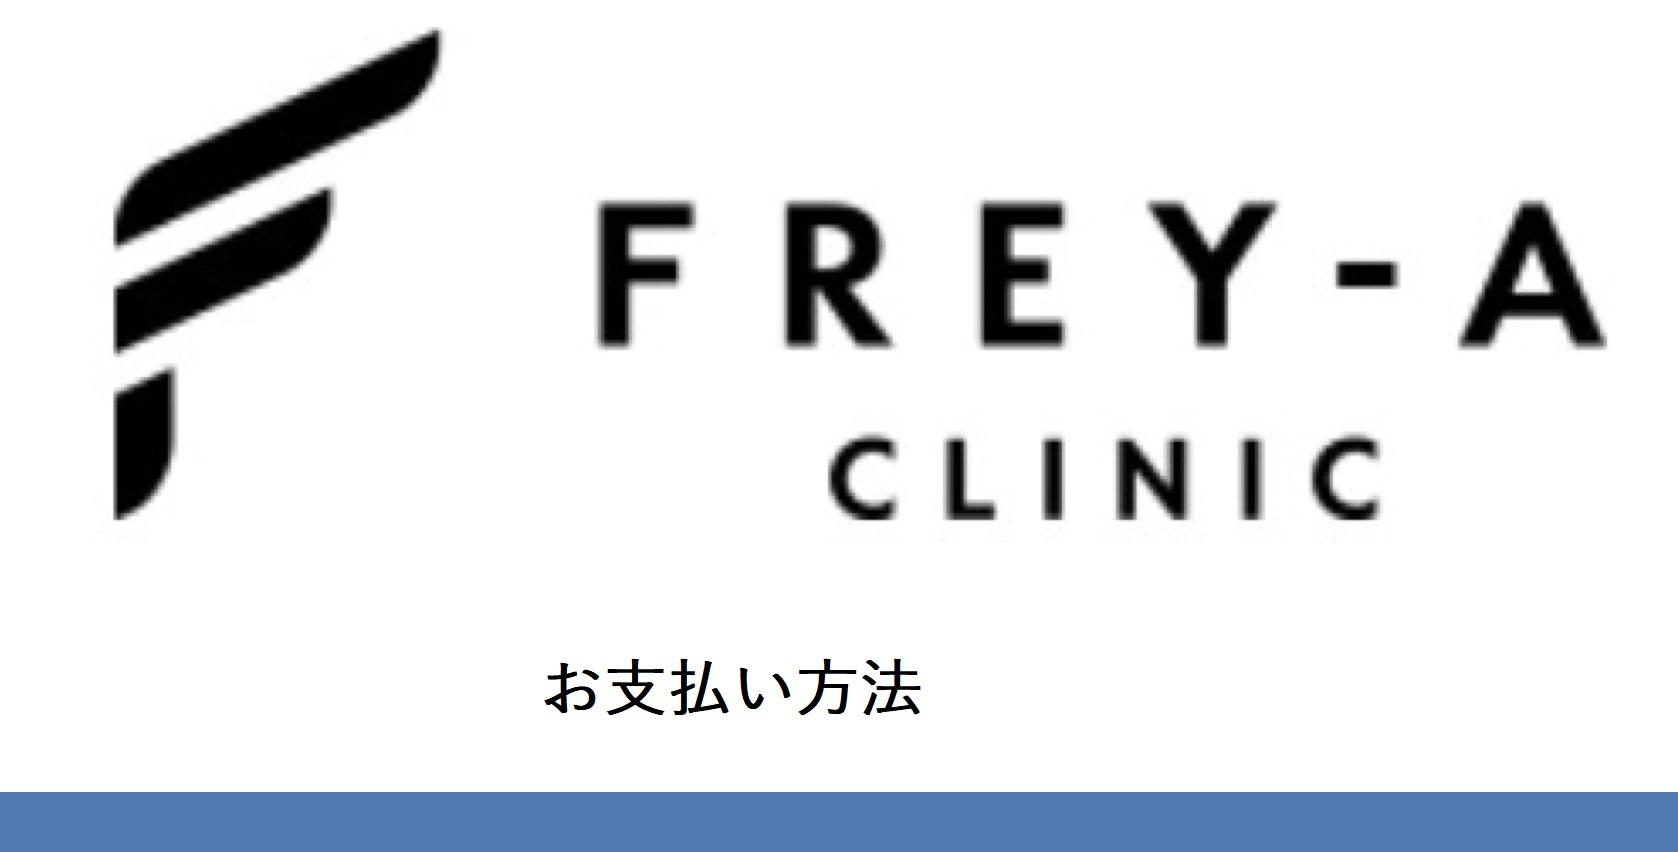 フレイアクリニック大阪梅田院(お支払い方法)